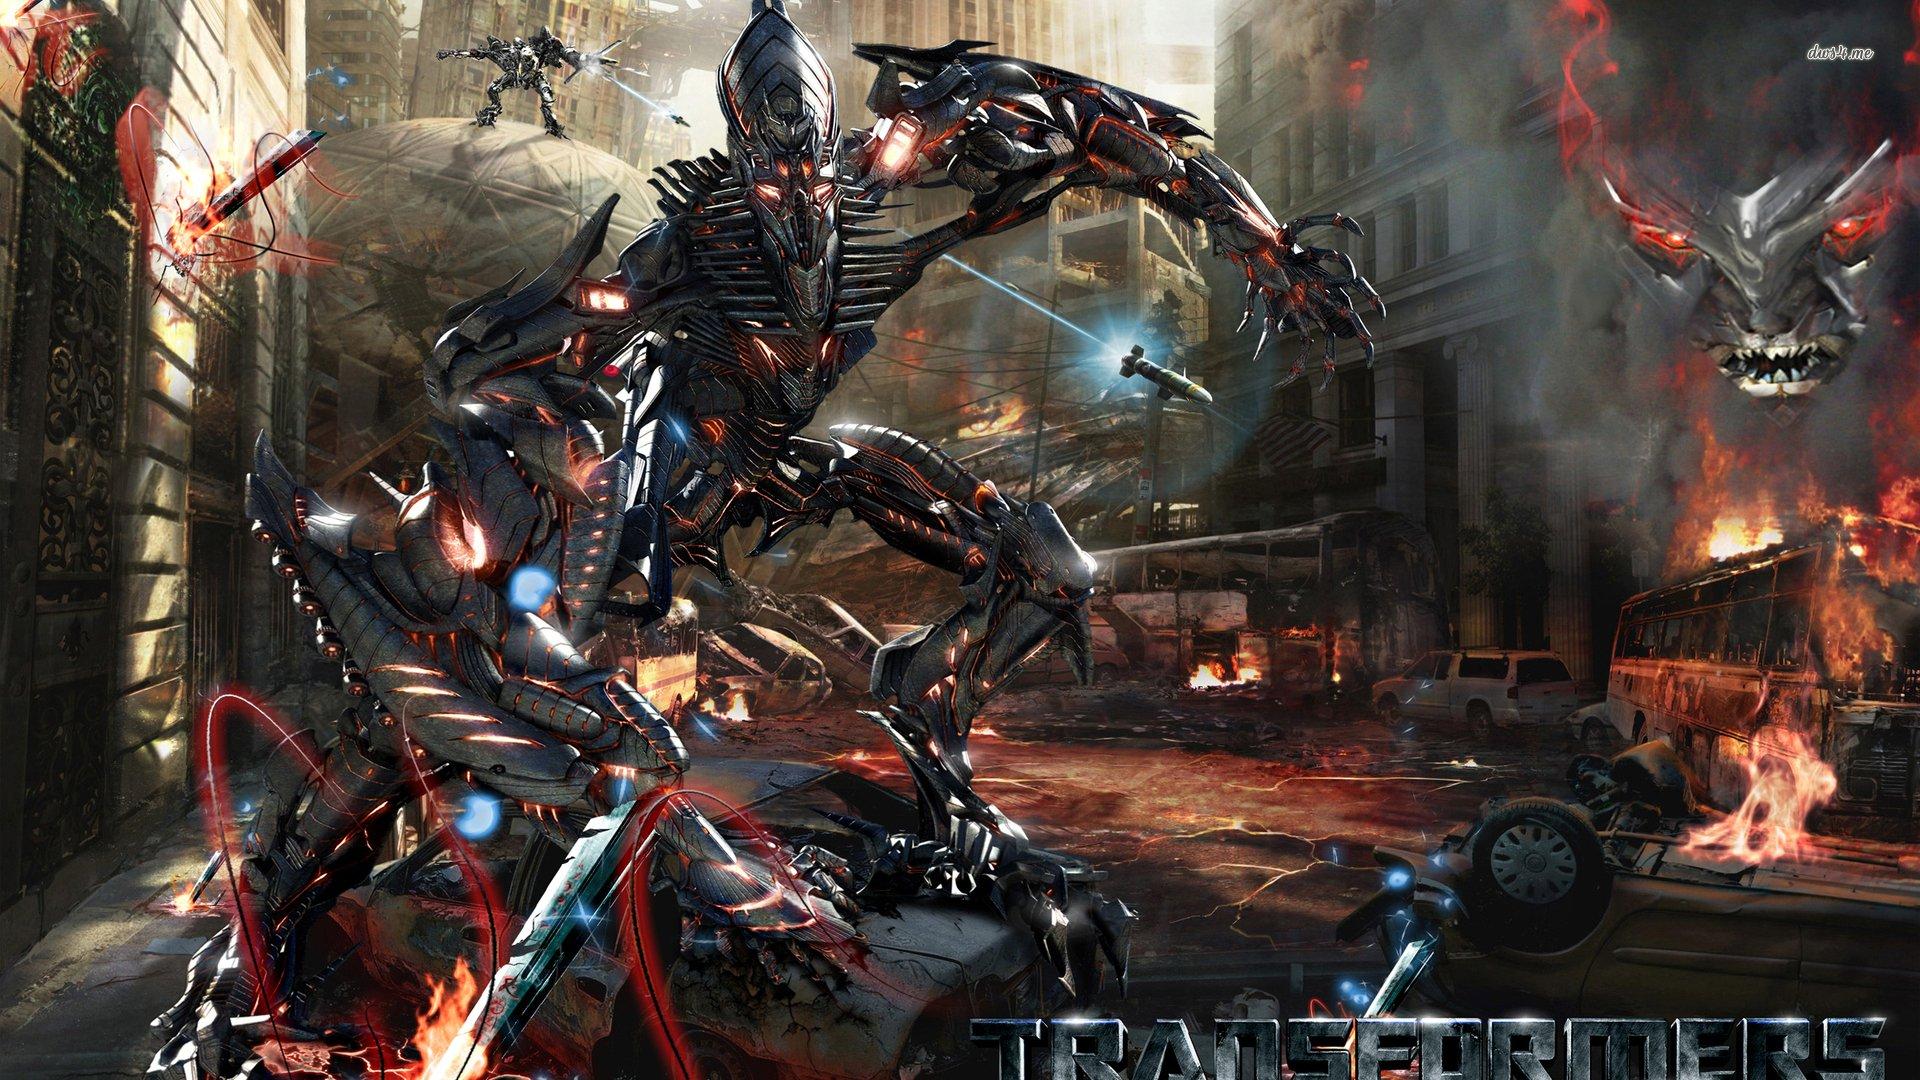 Transformers - Revenge Of The Fallen Wallpaper